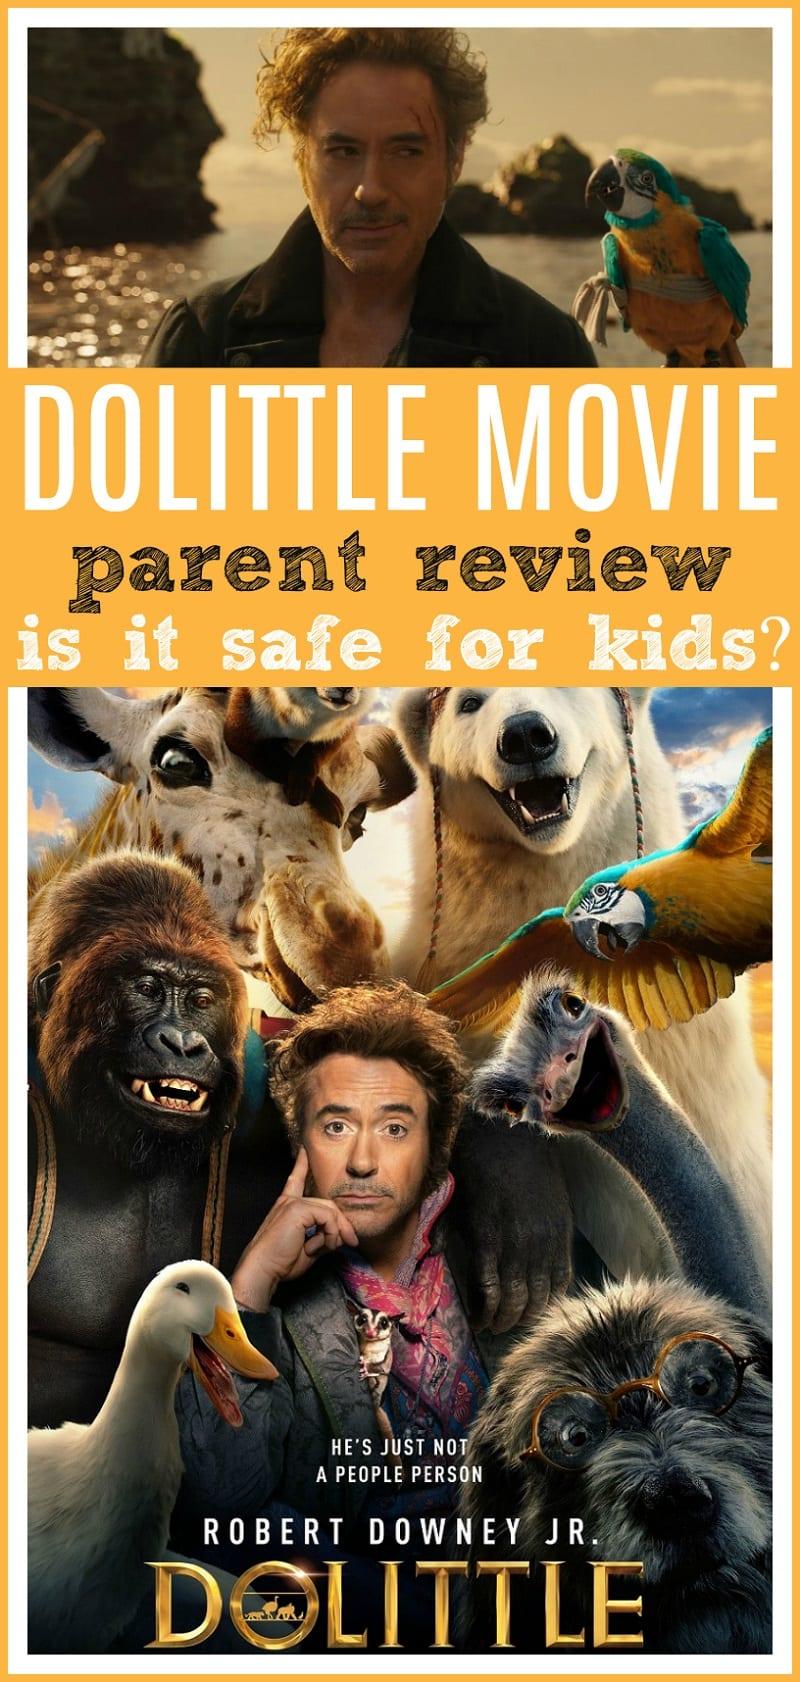 Dolittle parent movie review